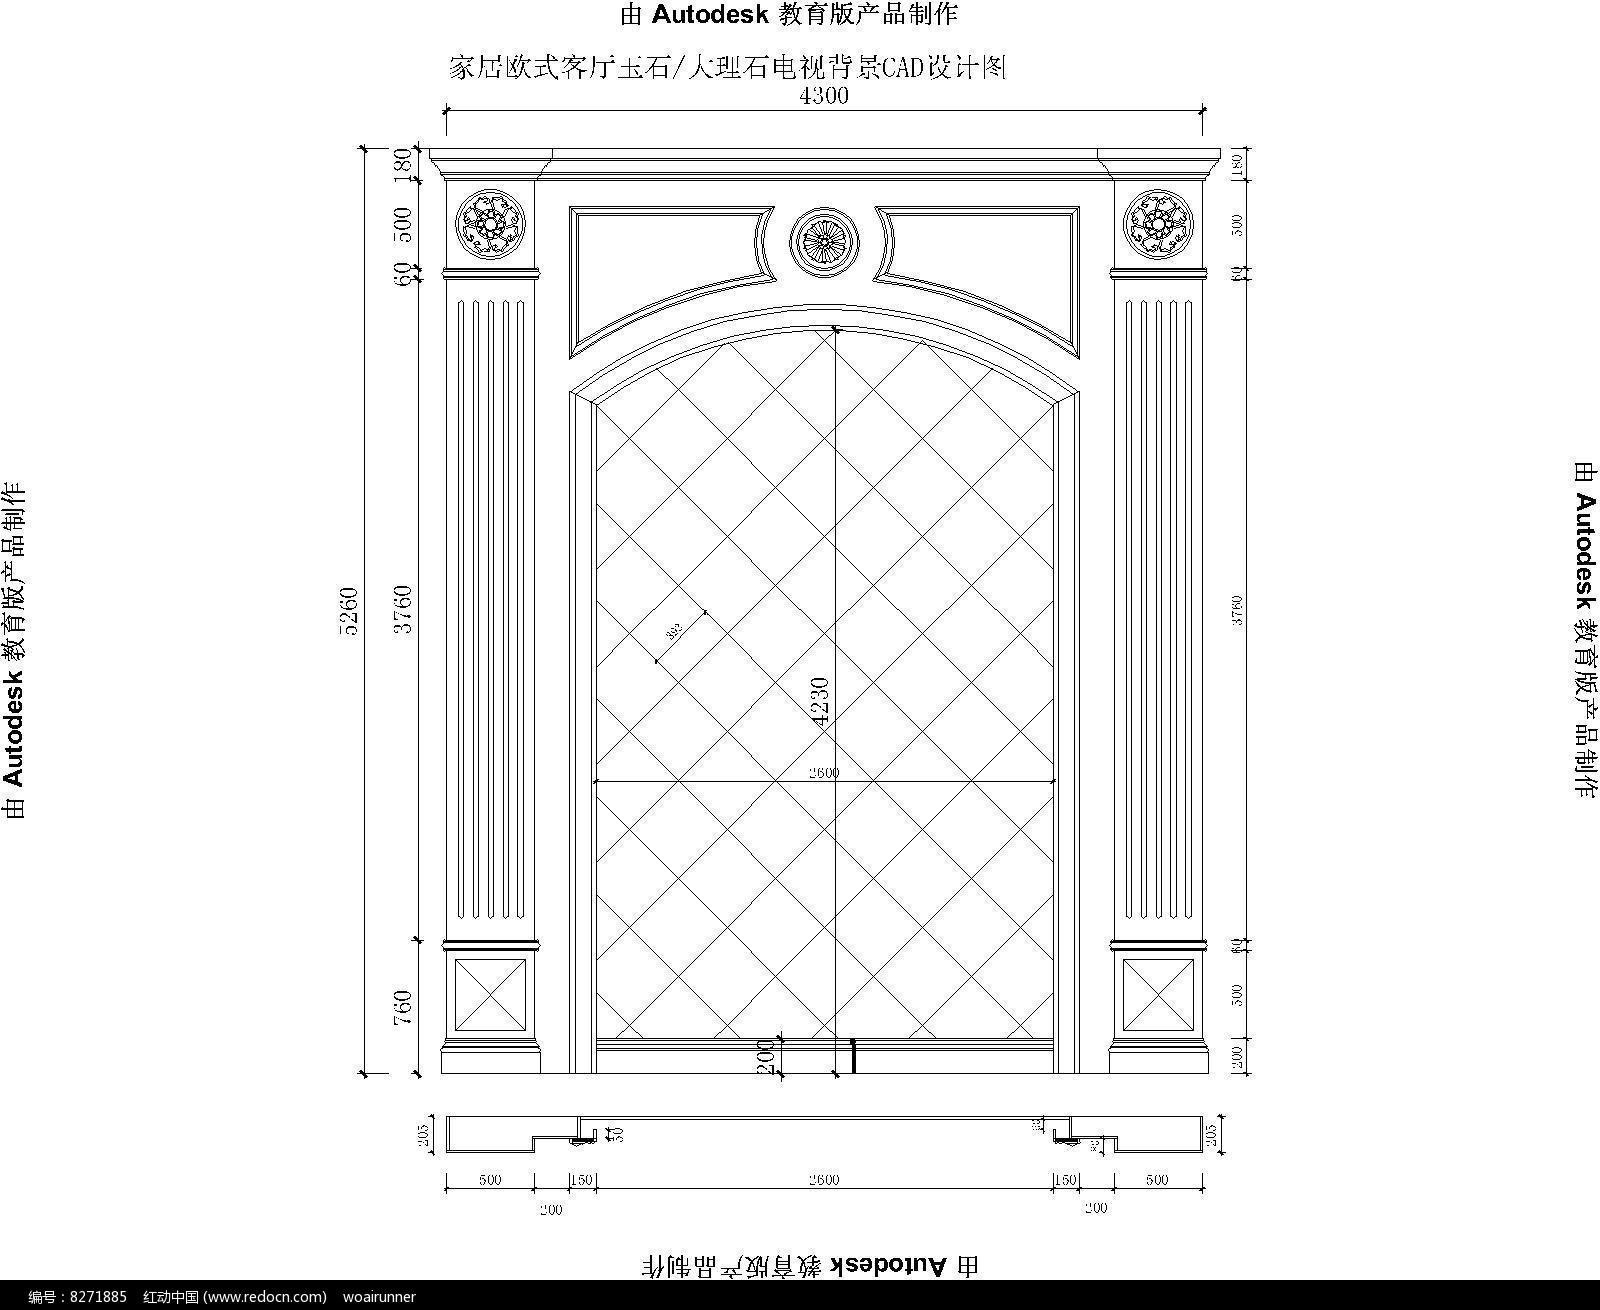 欧式风格欧式线条罗马柱家居客厅大理石玉石电视背景CAD设计图图片